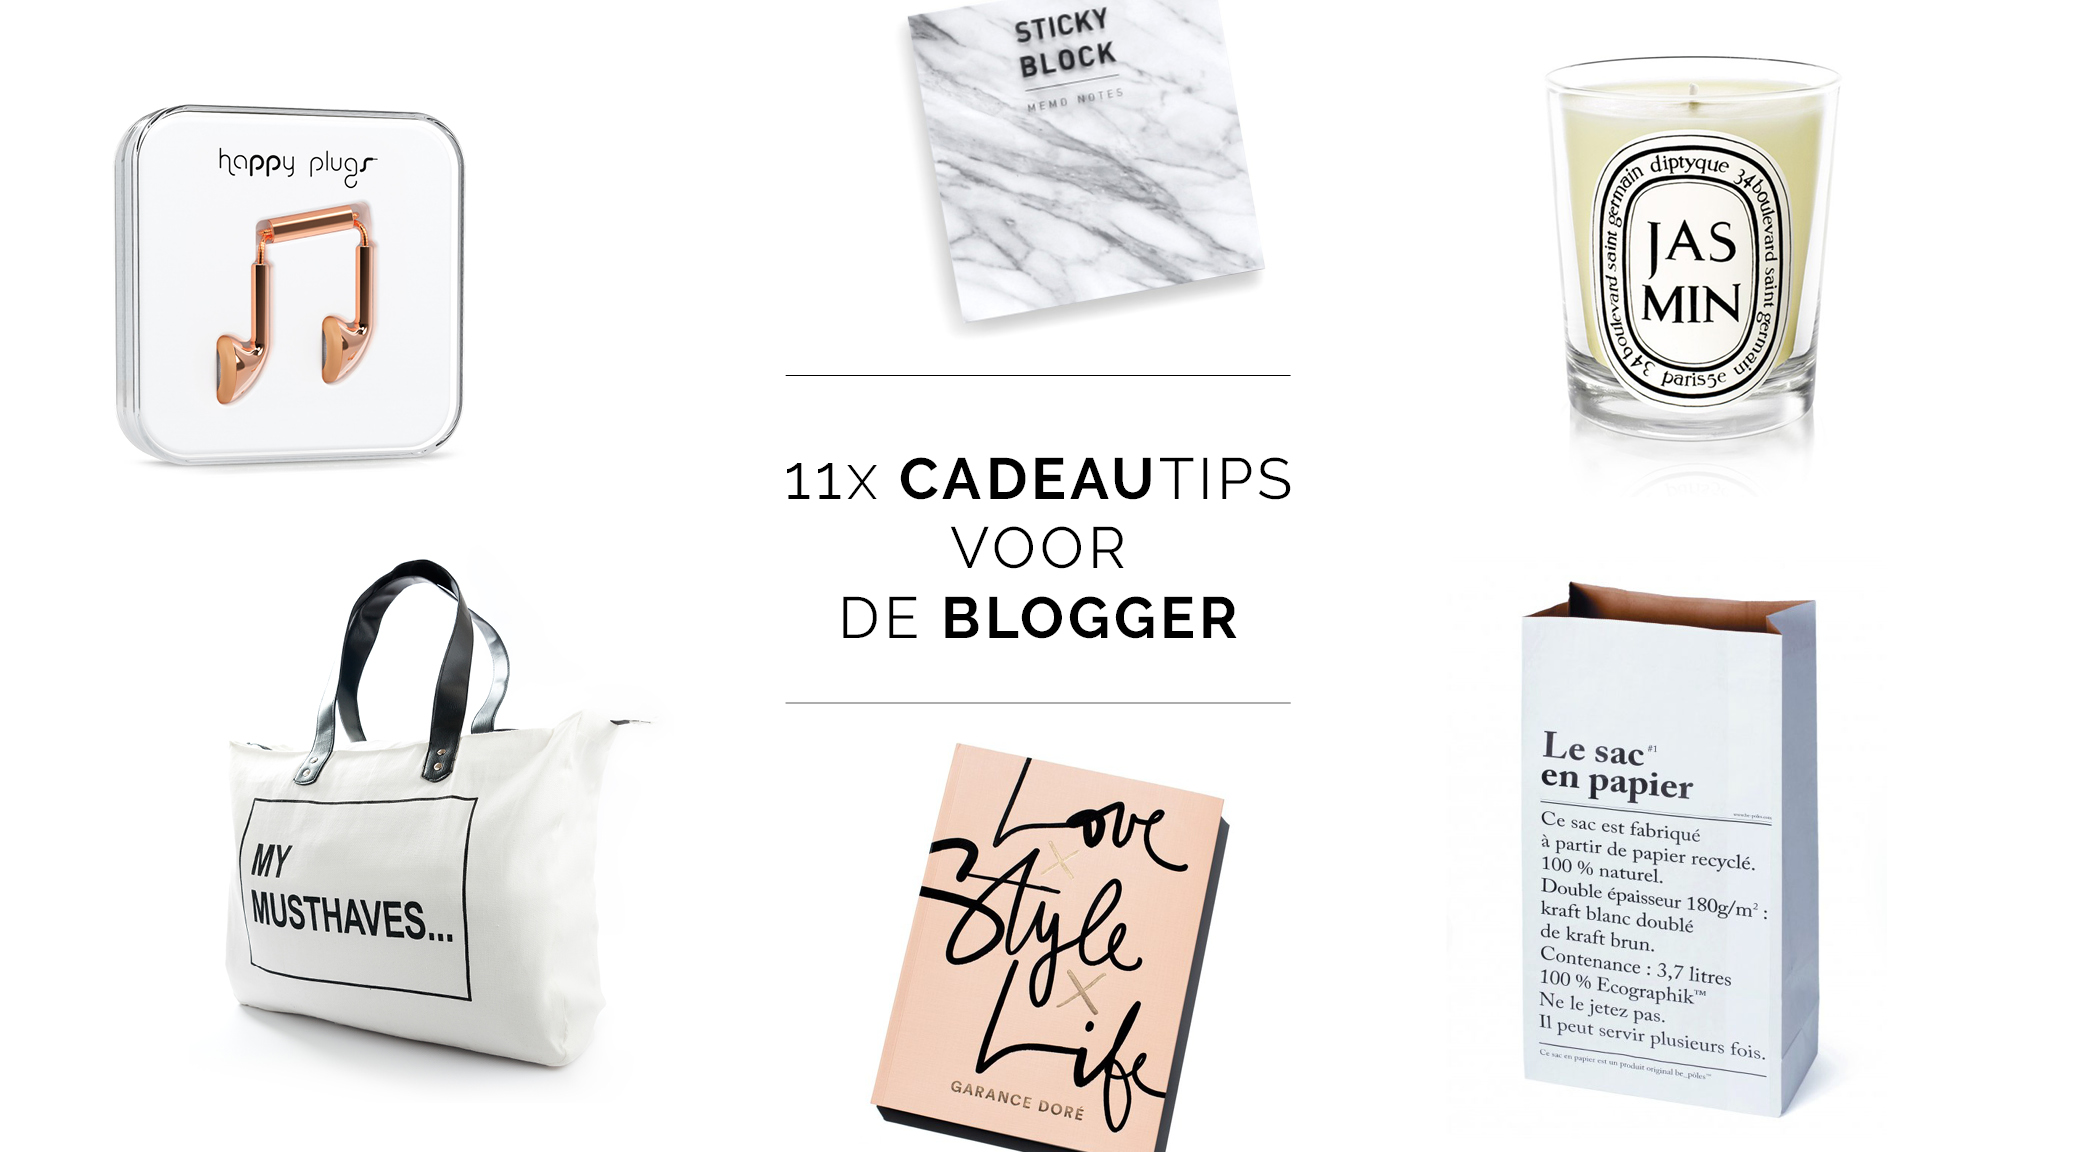 11x cadeaus voor de blogger